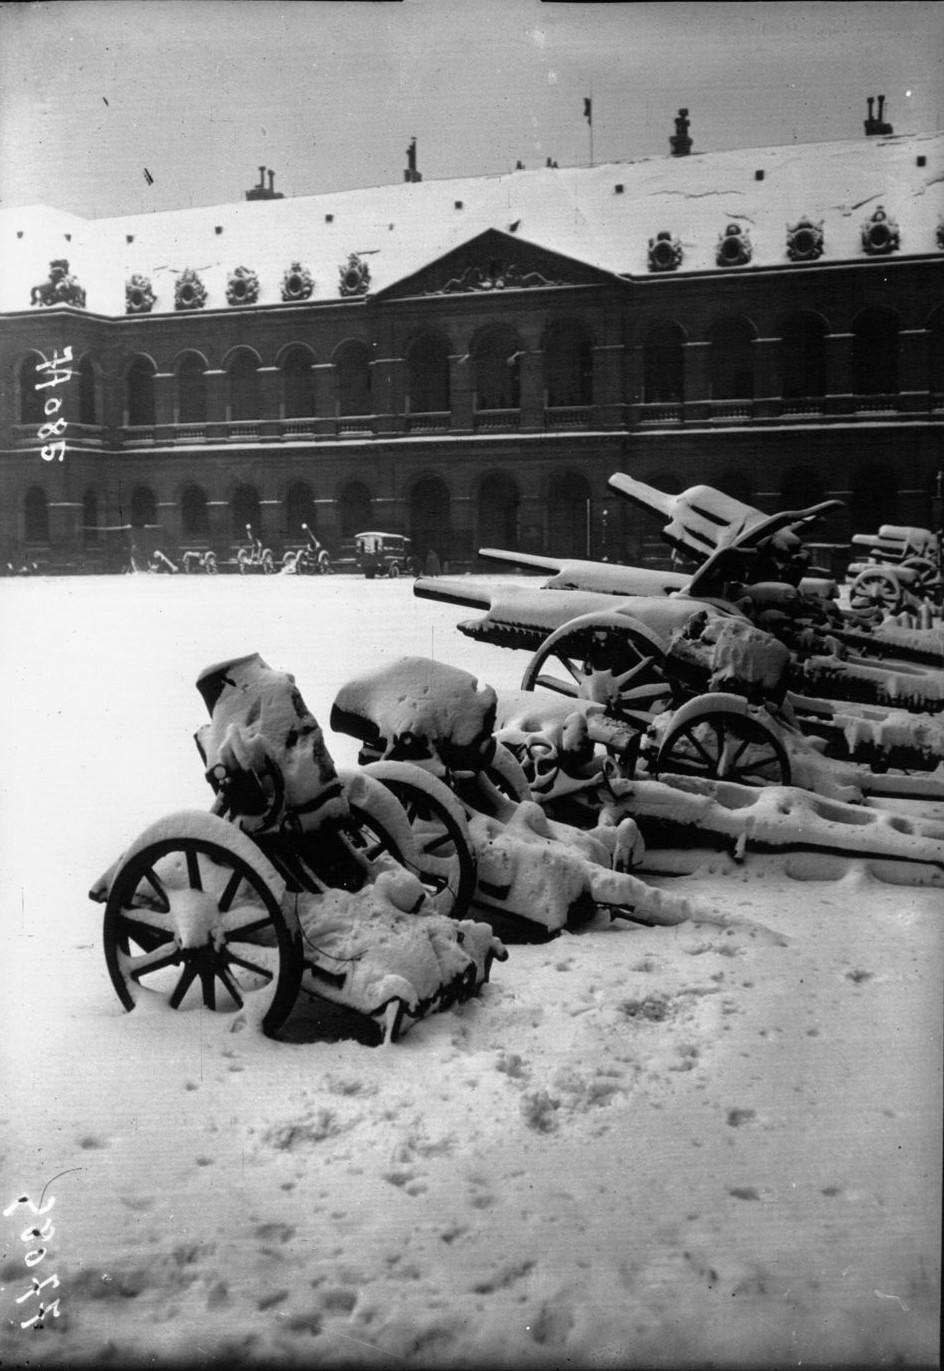 1919. Пушки бошей под снегом во дворе Дома Инвалидов